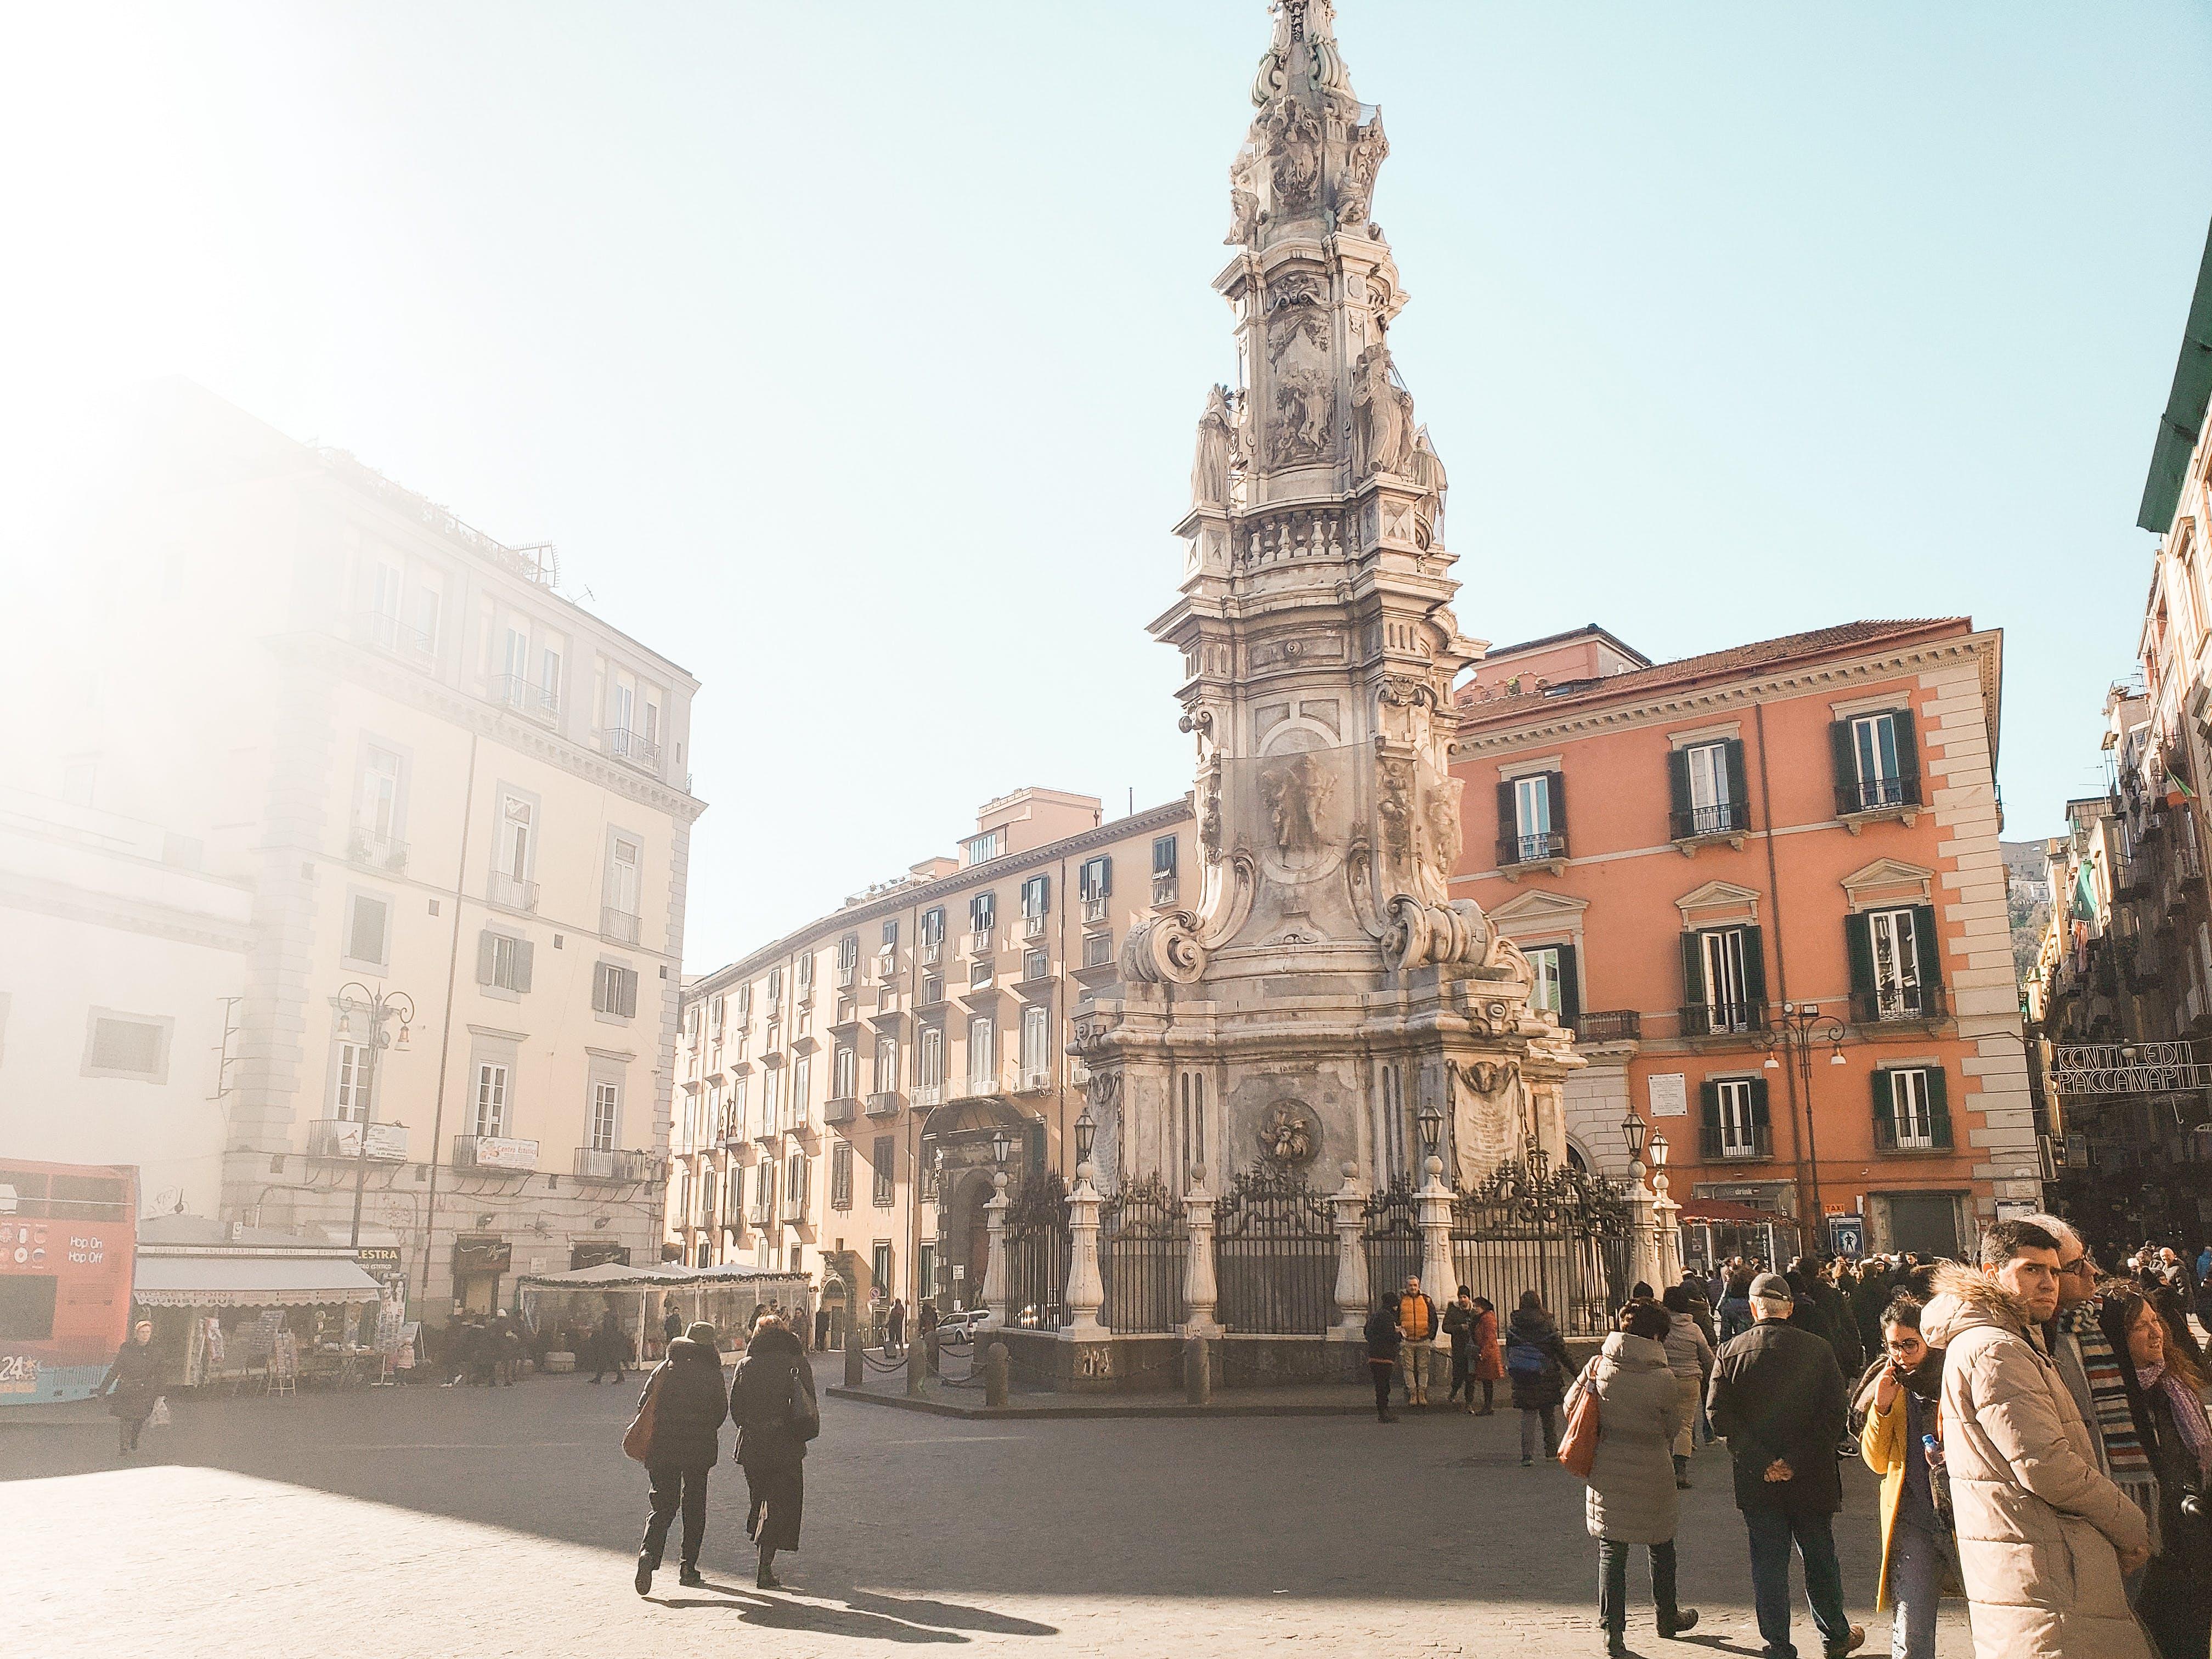 Fotos de stock gratuitas de arquitectura, bonito, calle, calles